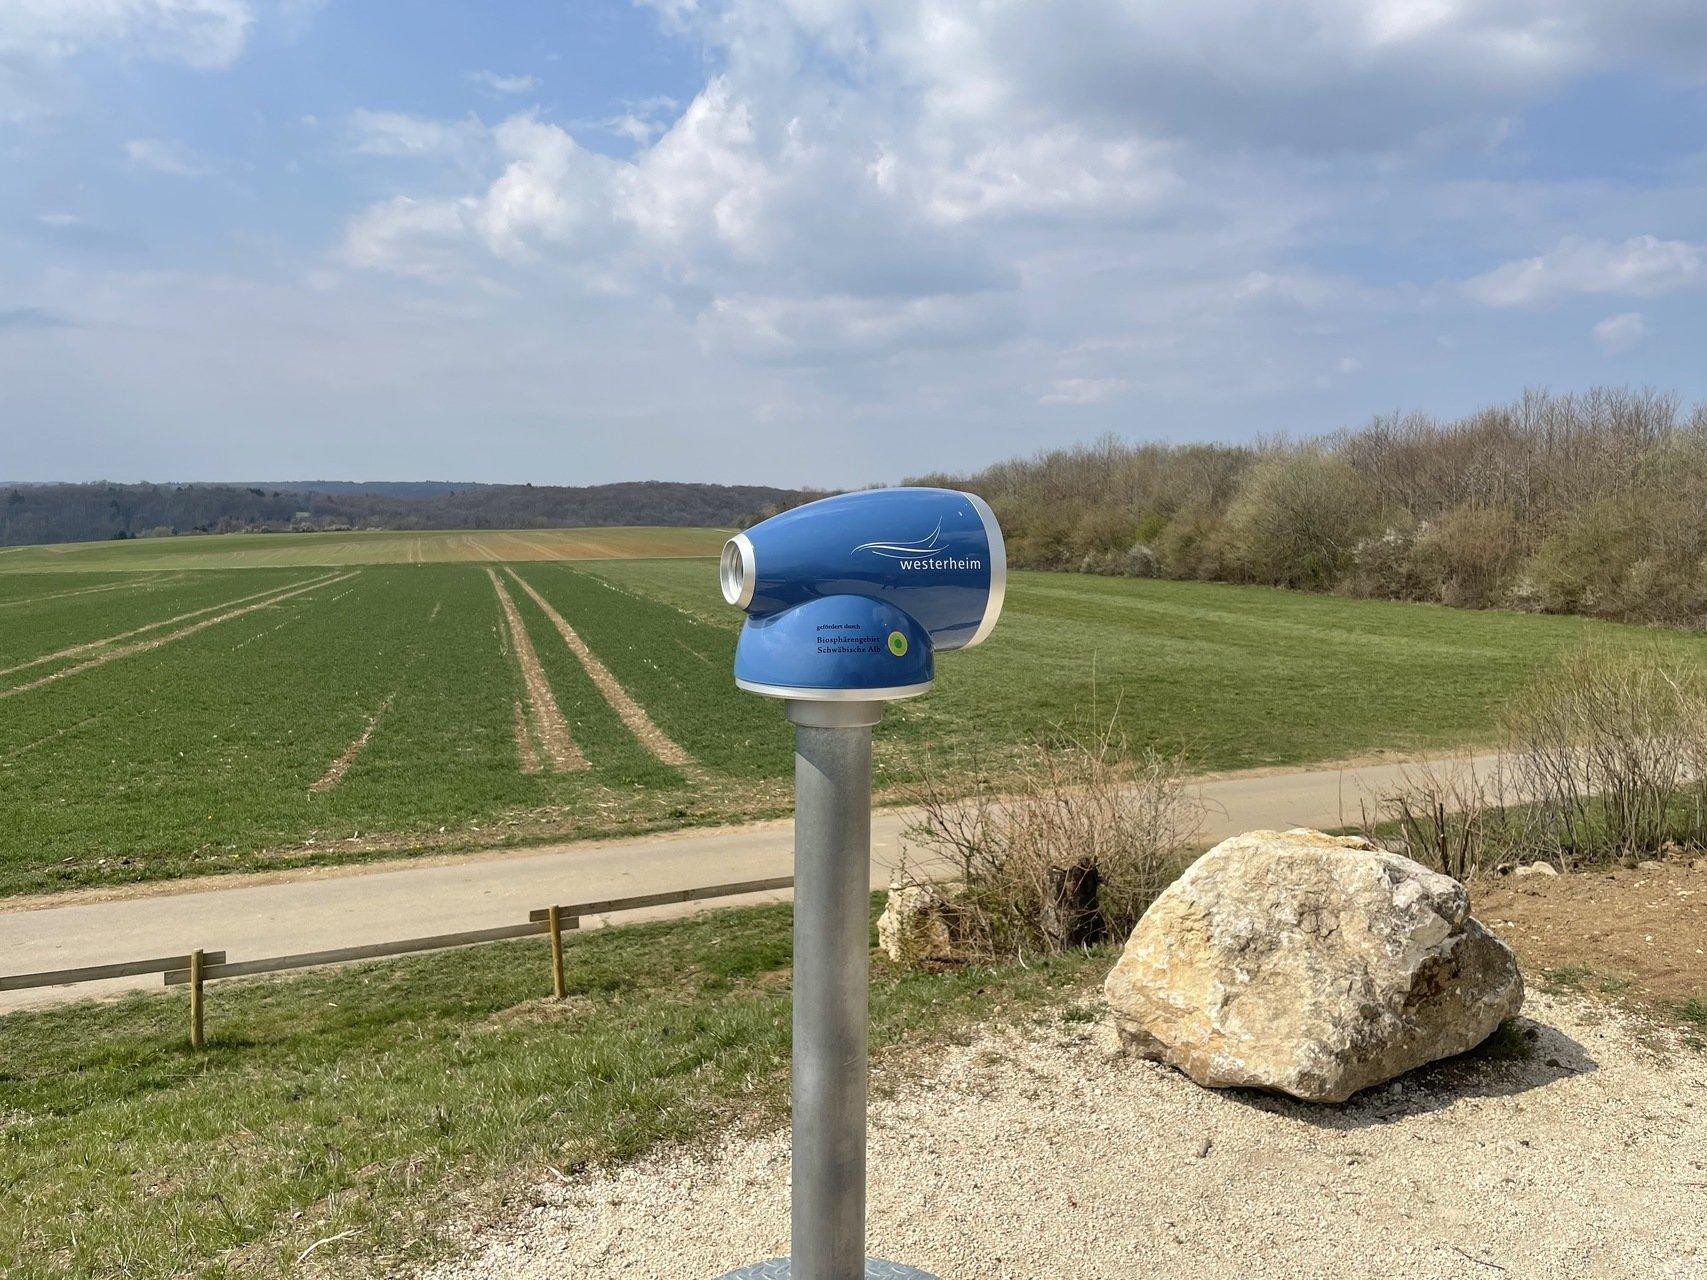 In der Bildmitte ein blaues Erklär-Fernrohr neben einen großen Stein, im Hinderdgrund ein Feld